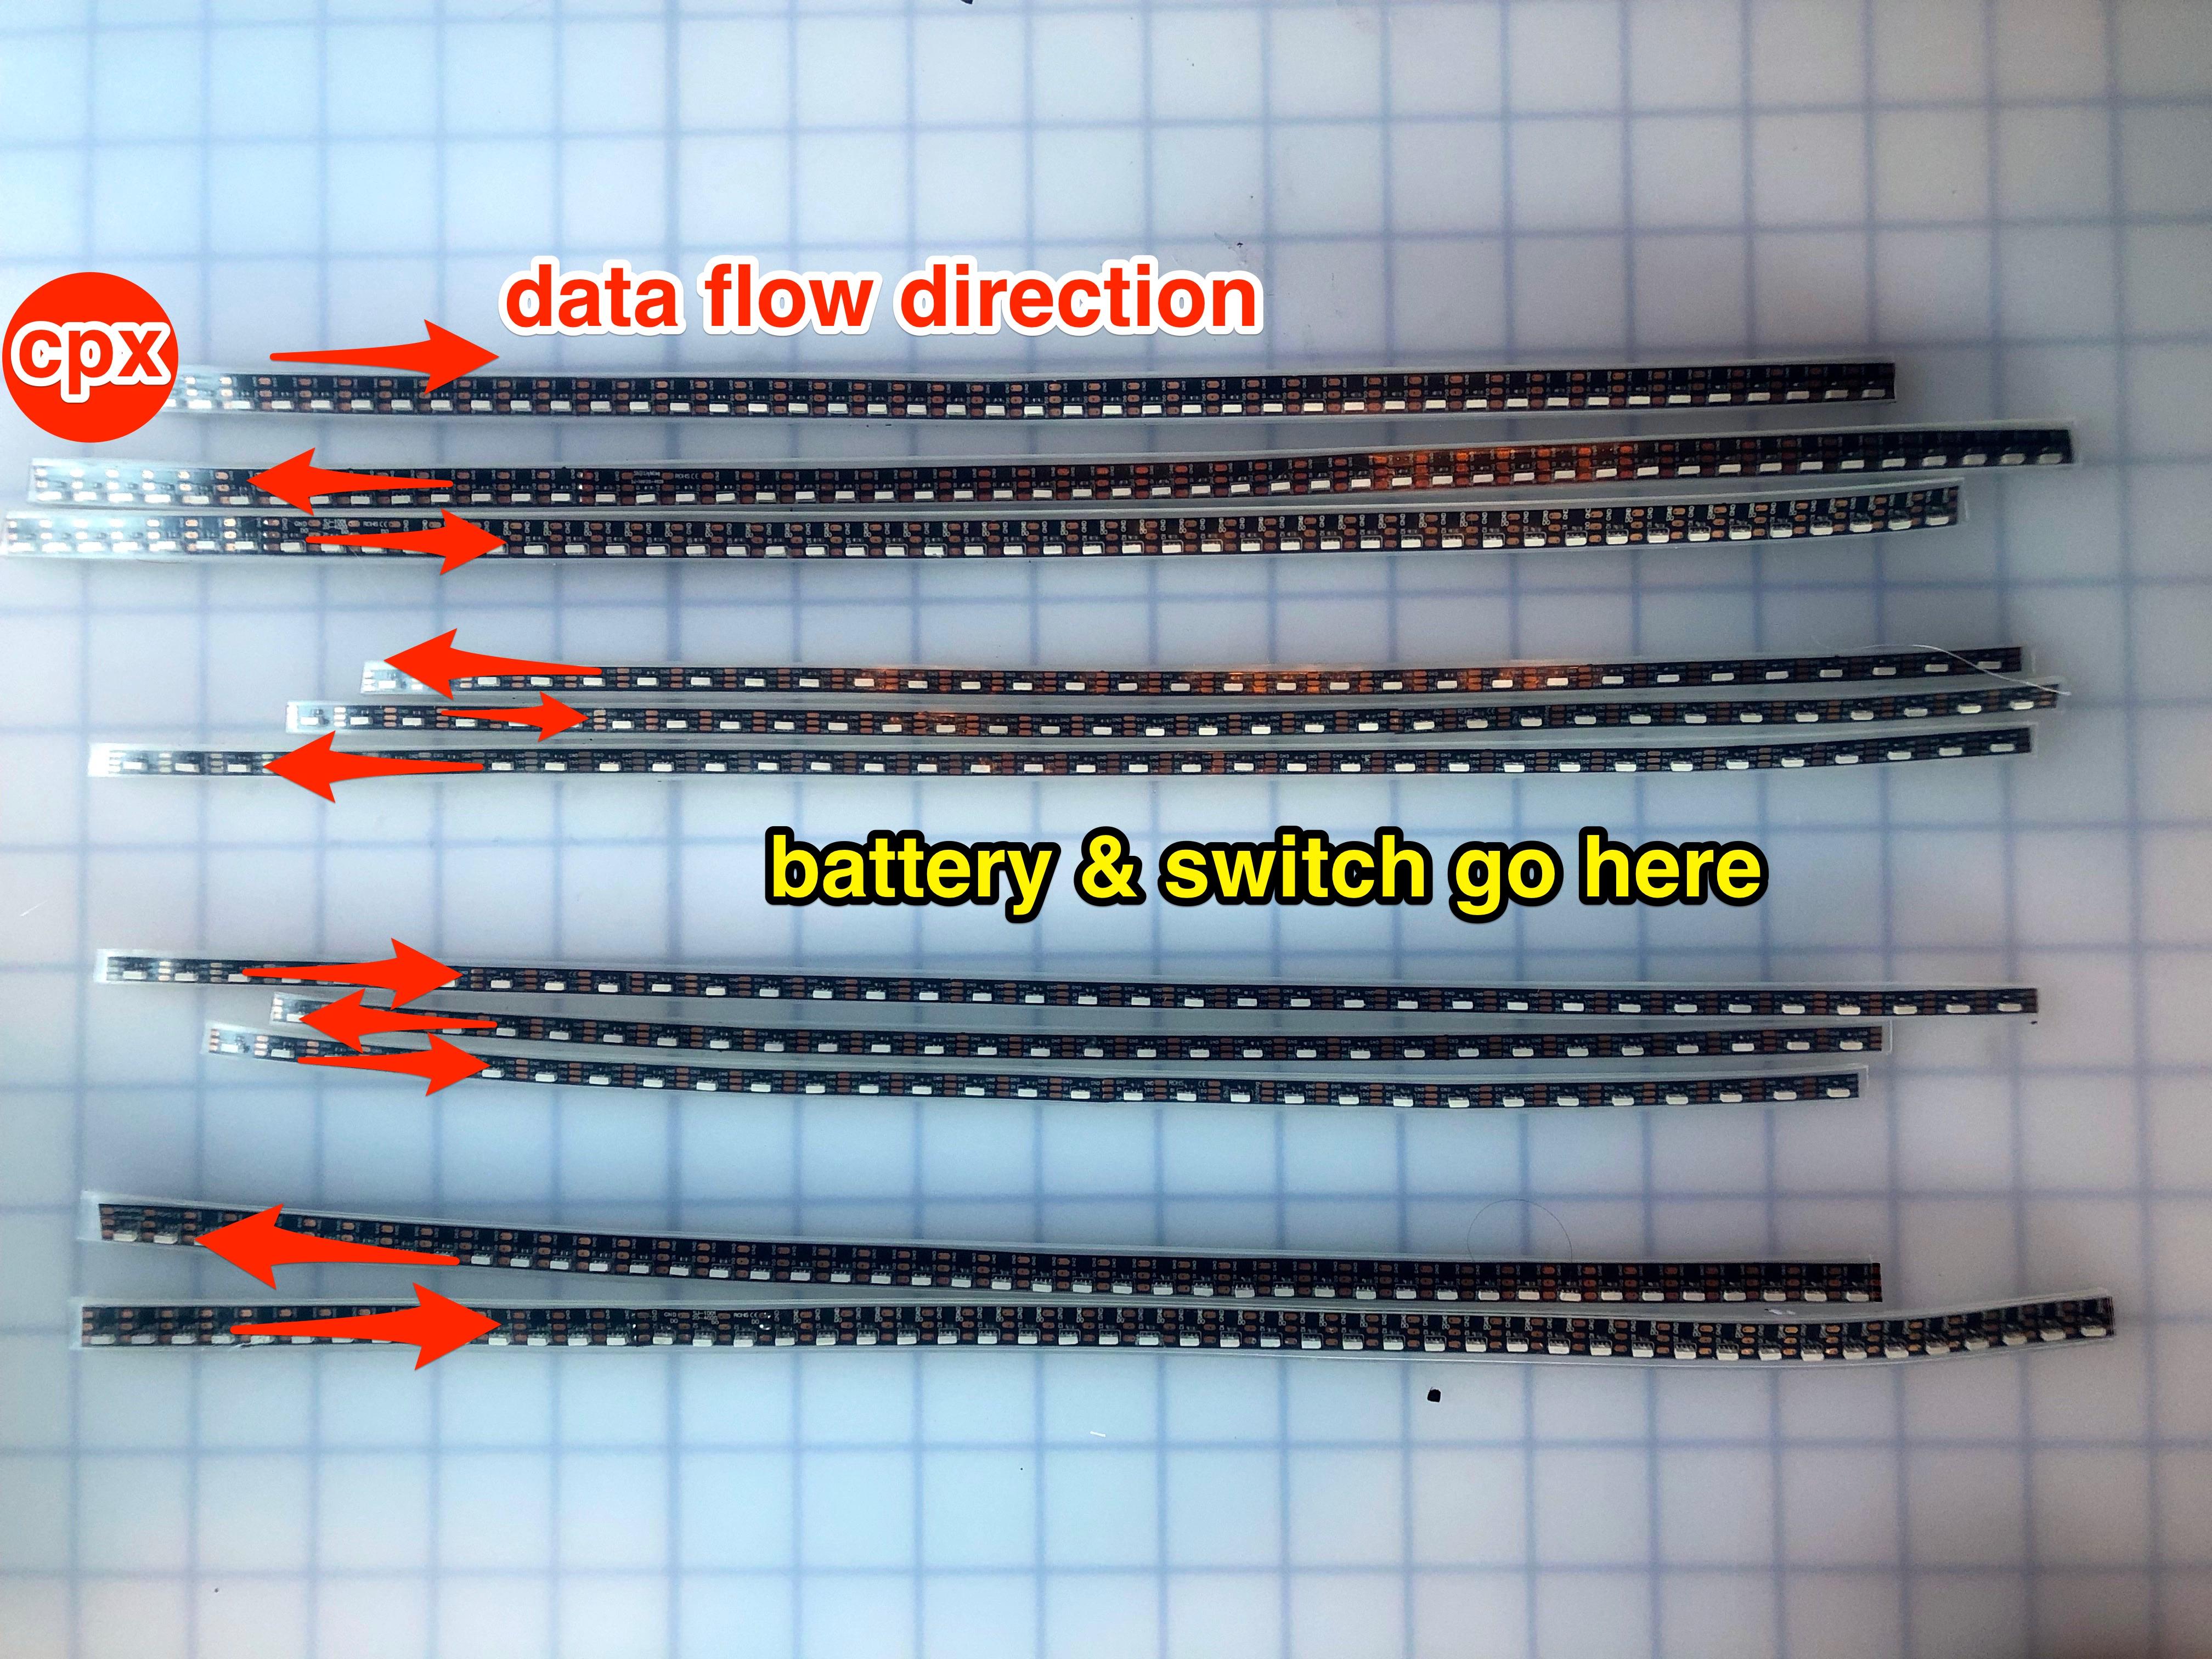 led_strips_10_dataflow.jpg